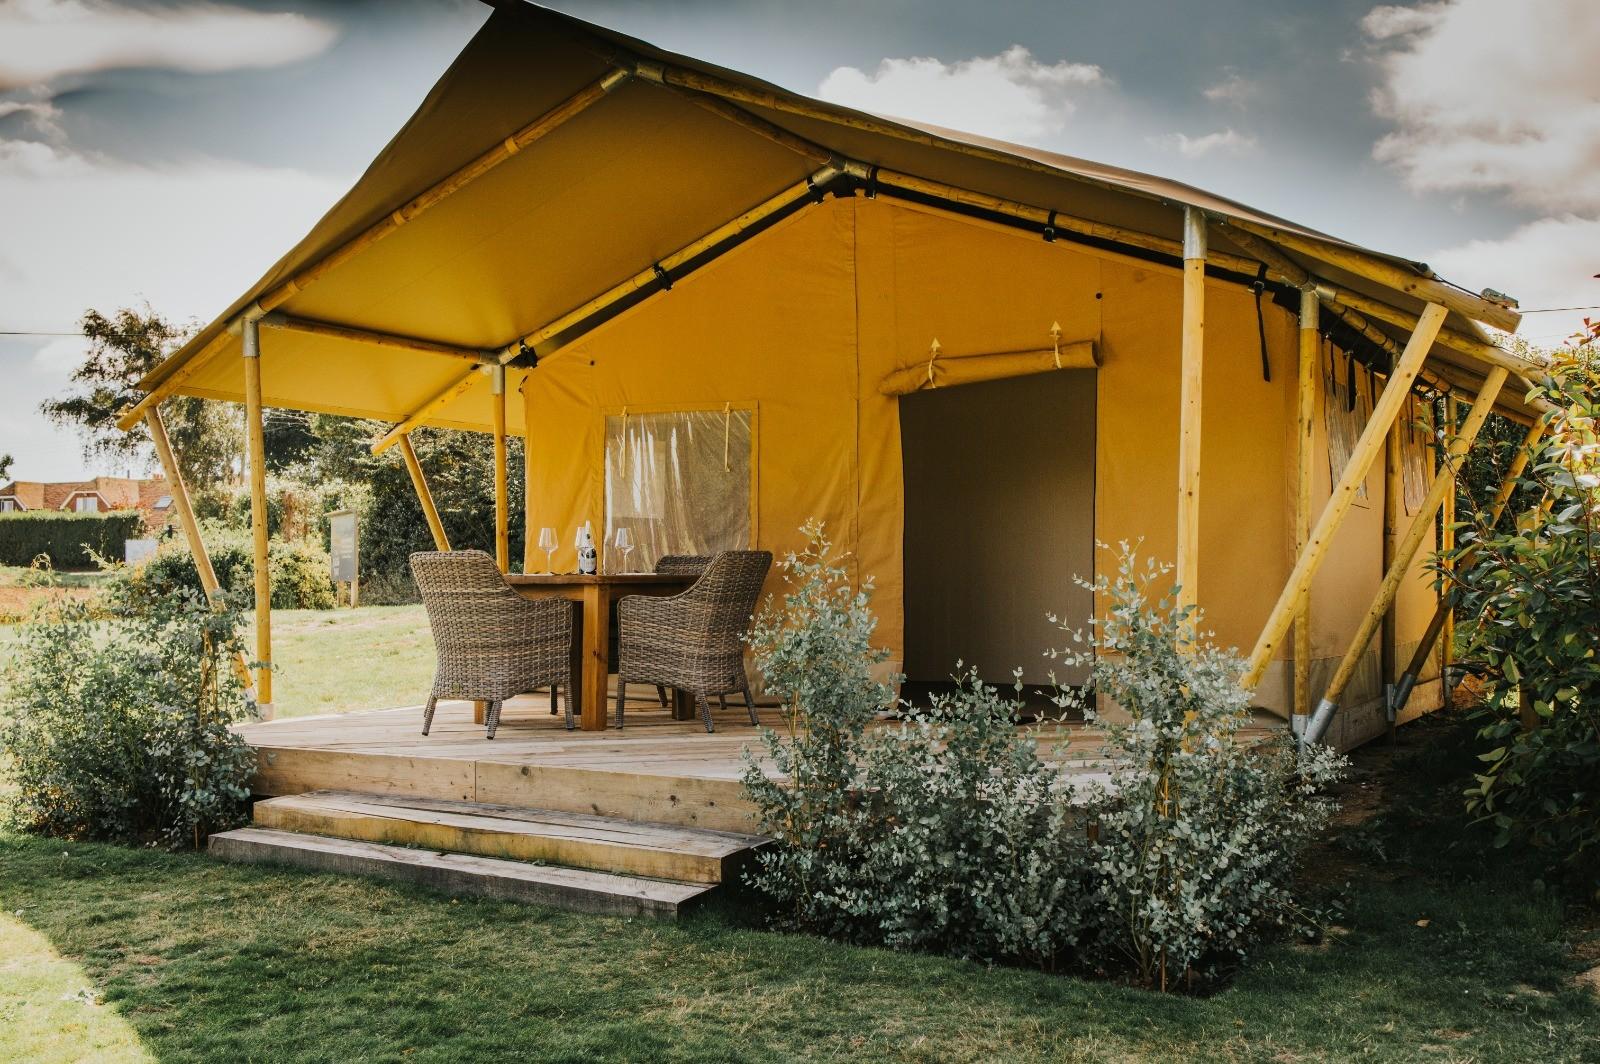 Safari Tent Holidays UK